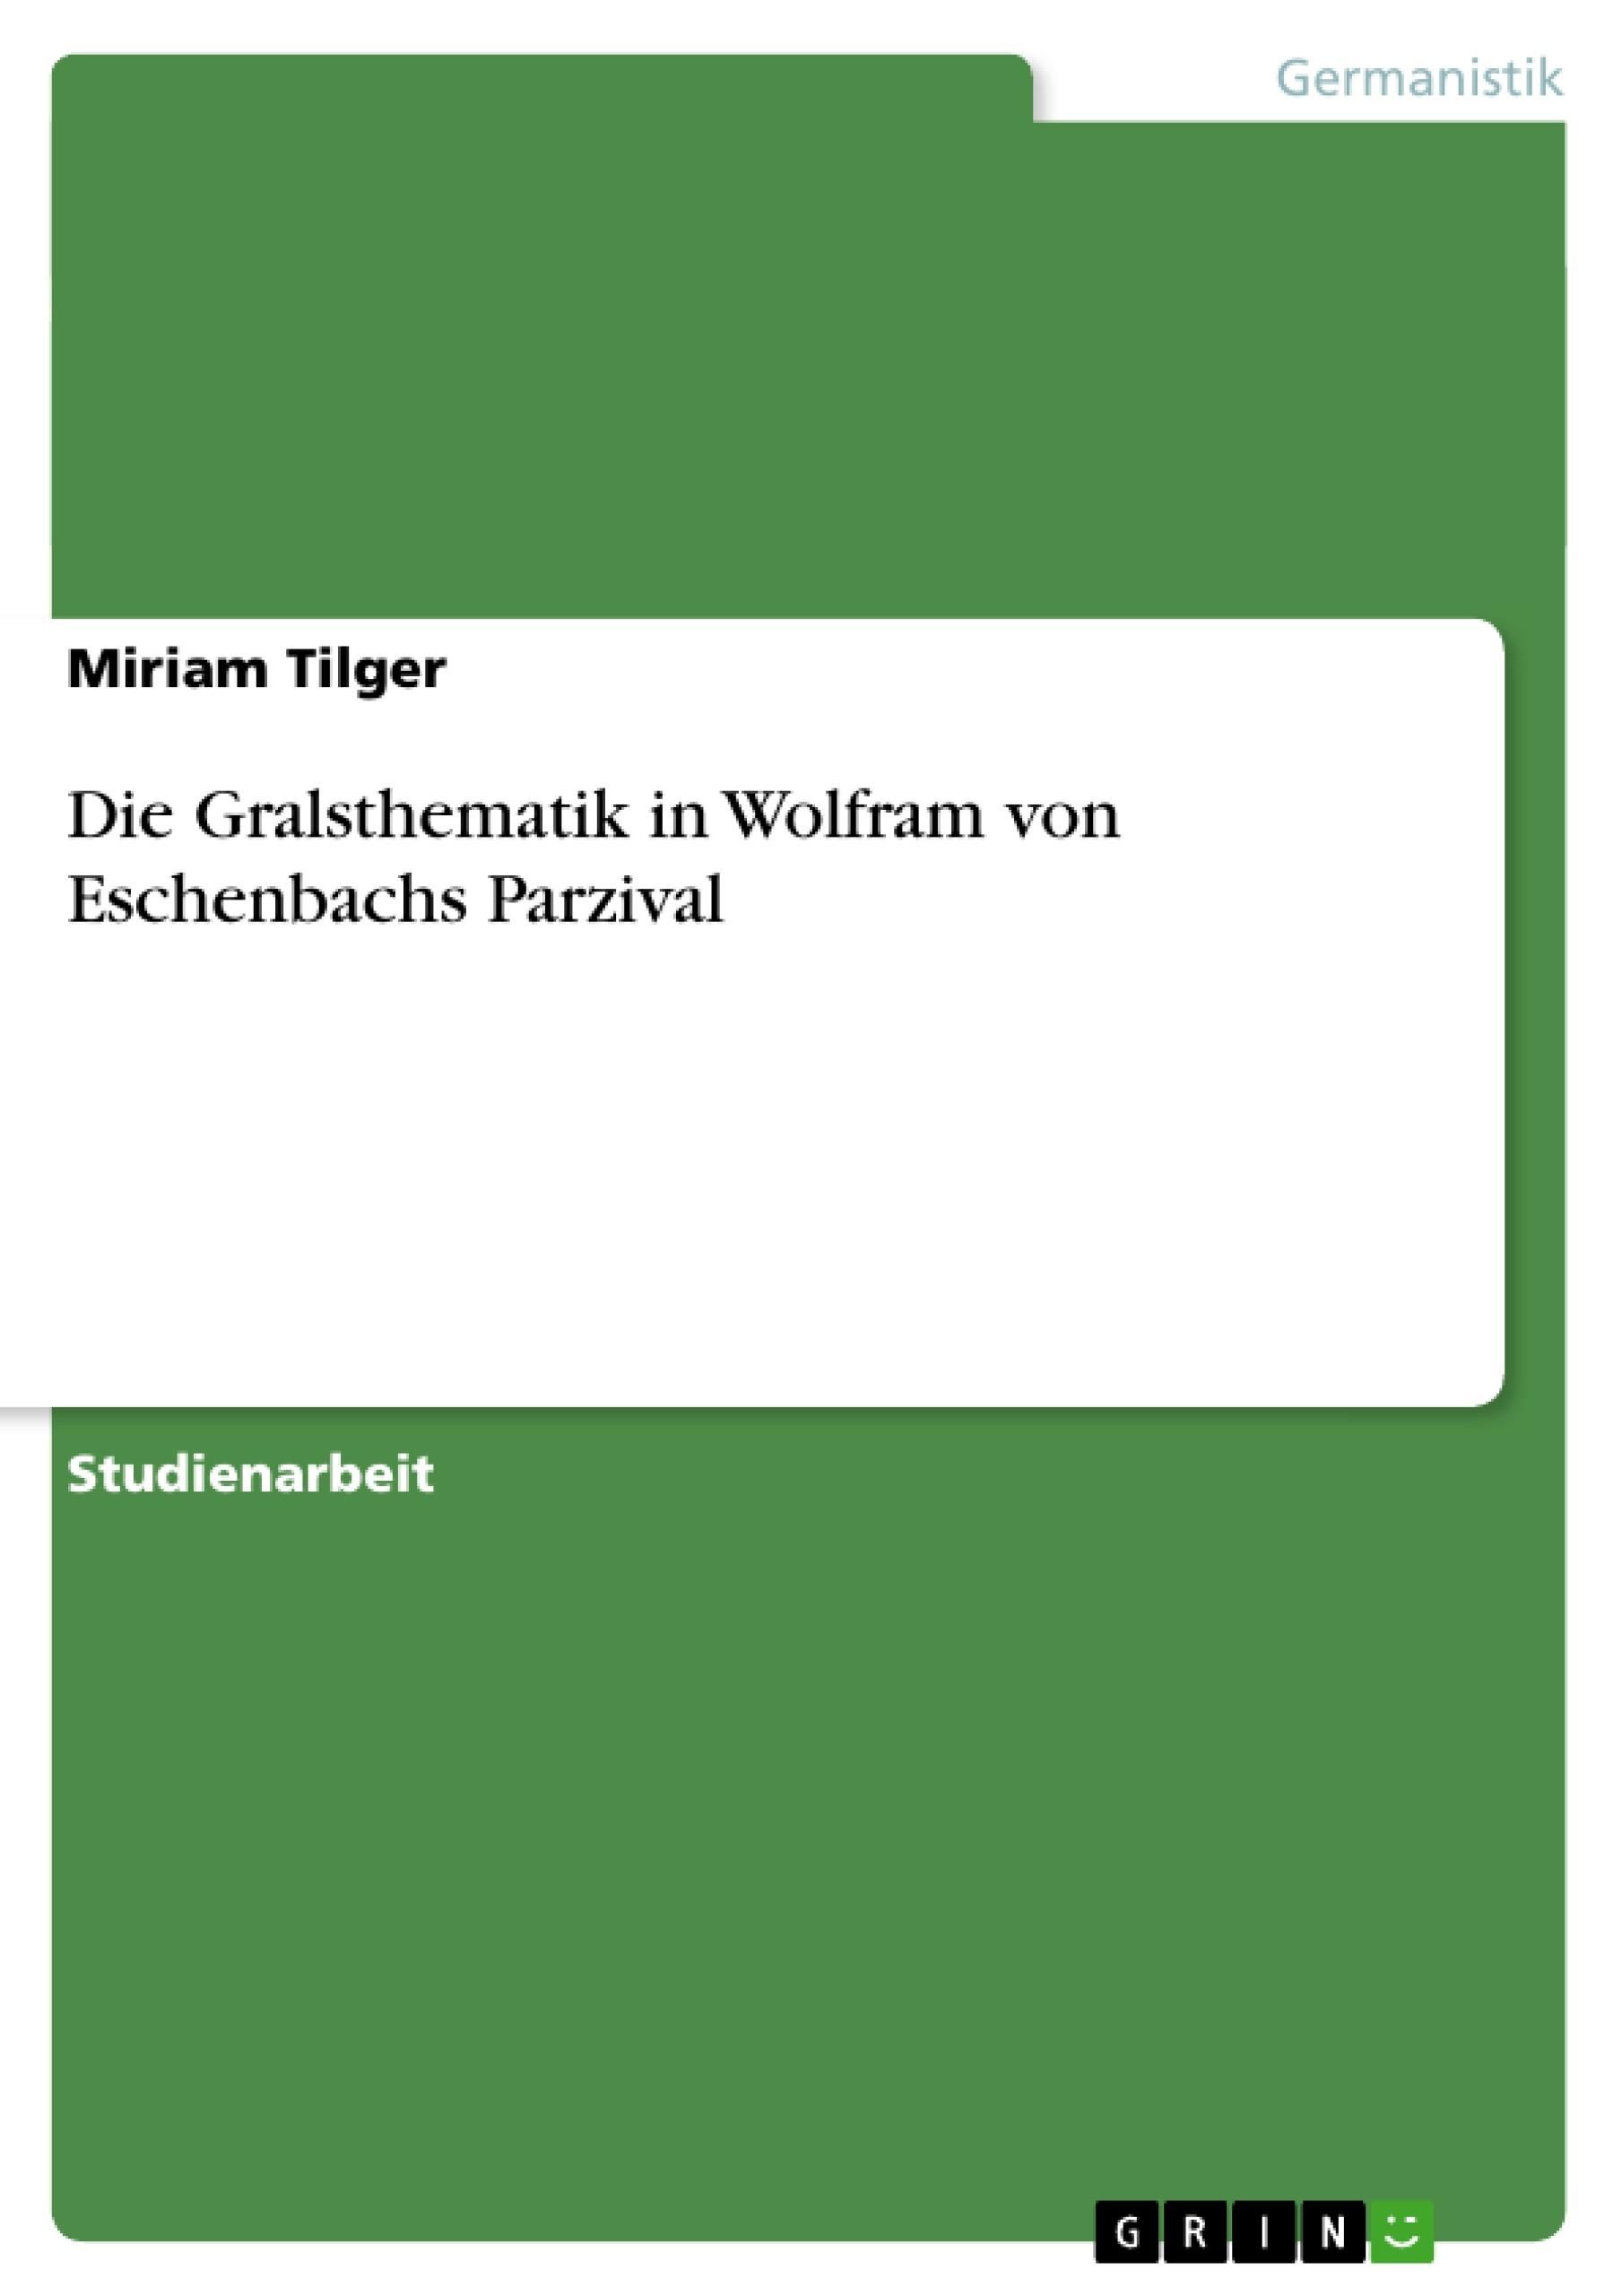 Titel: Die Gralsthematik in Wolfram von Eschenbachs Parzival